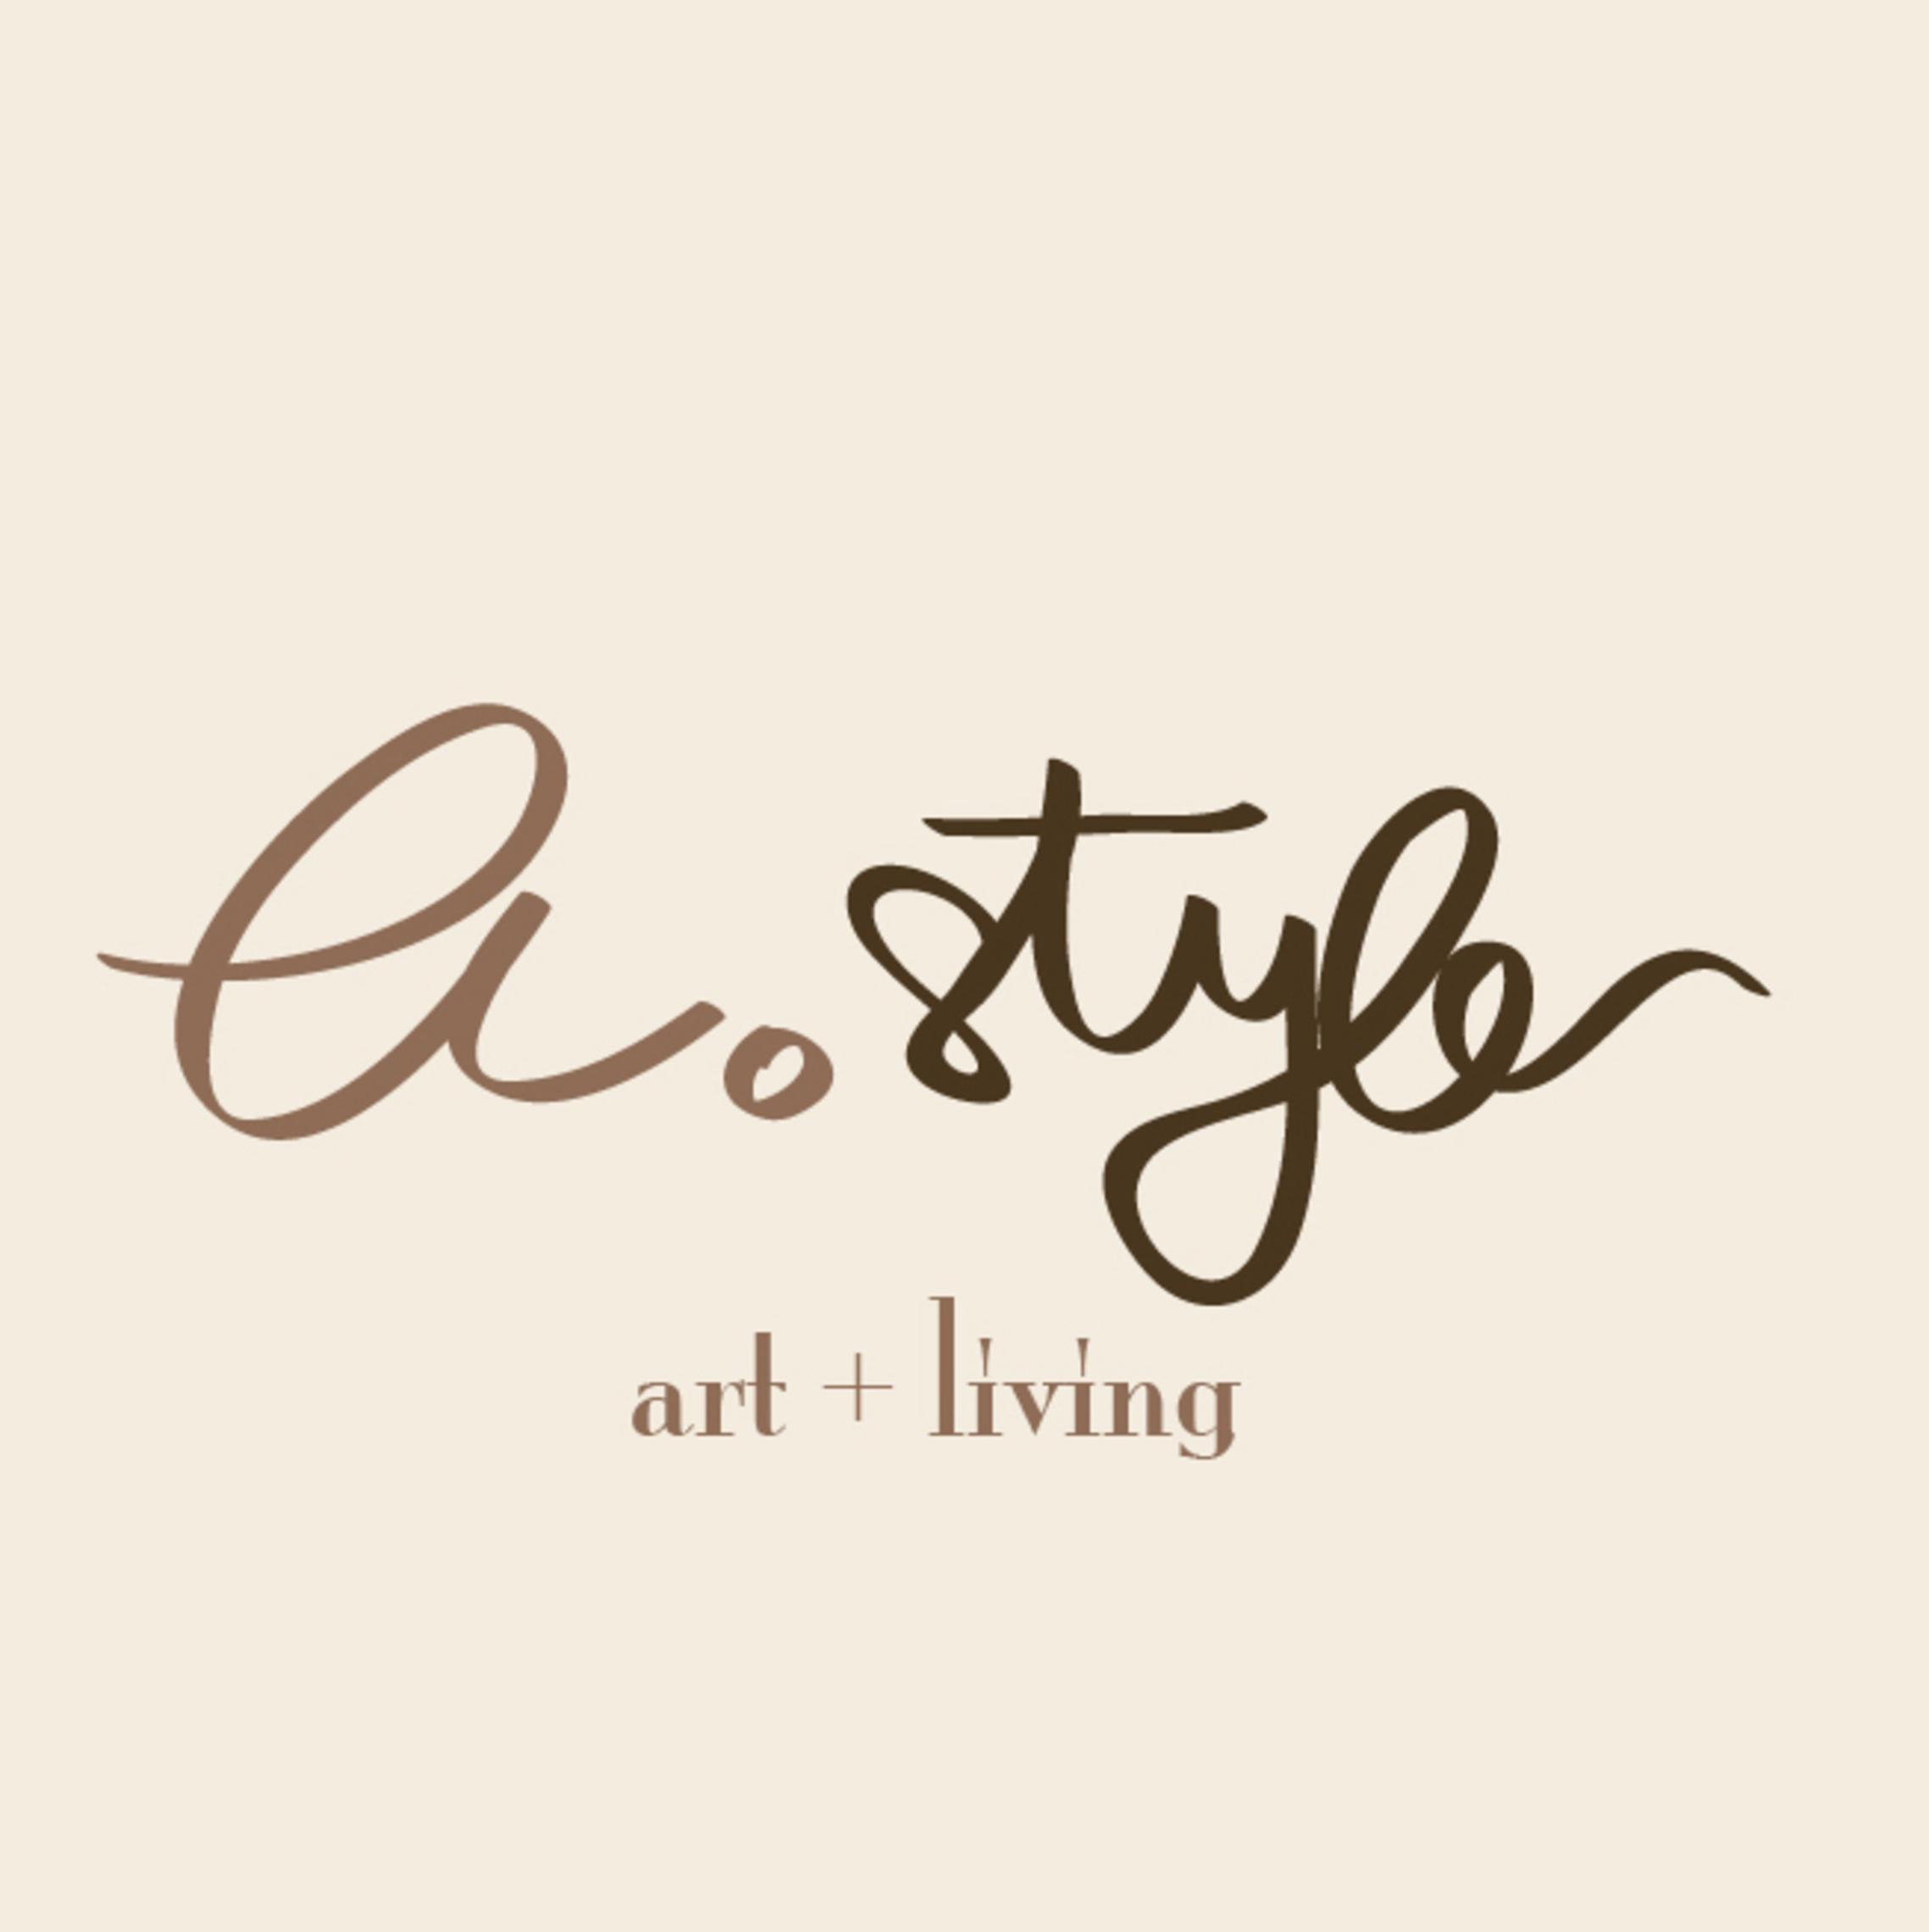 a style- company logo